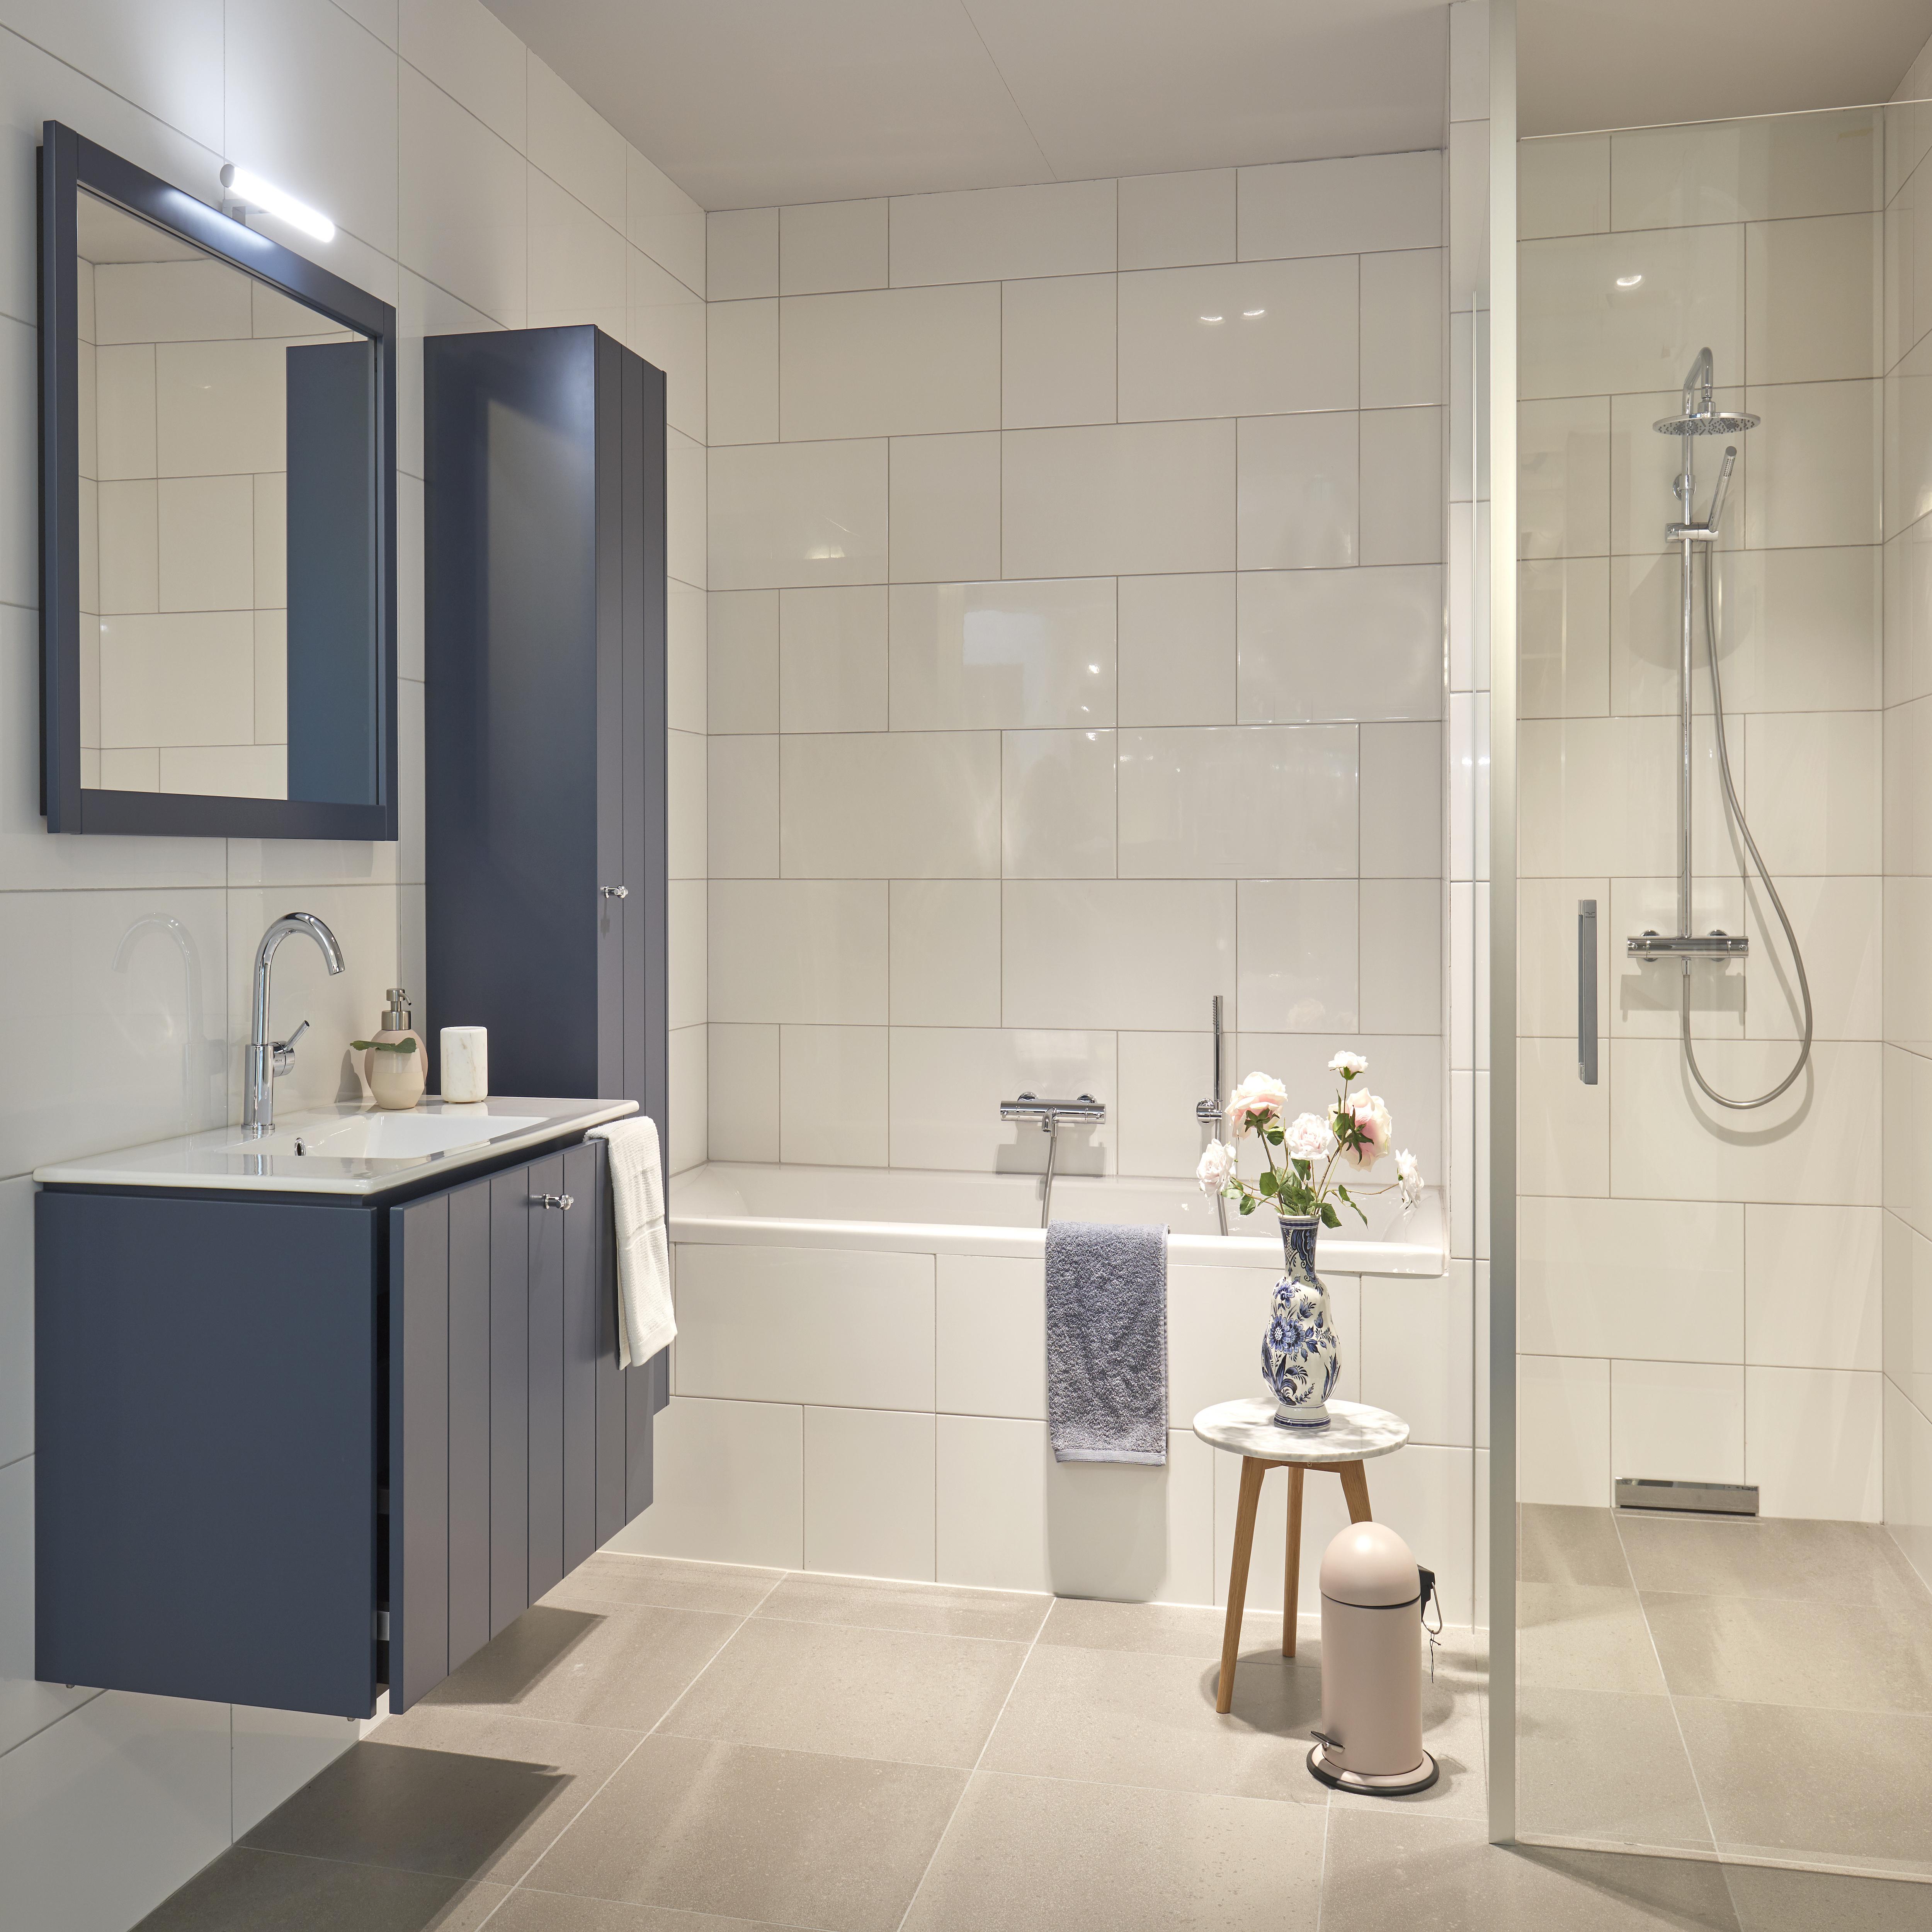 BINO KOLOMKAST - De badkamer specialist. Met gratis montage service.